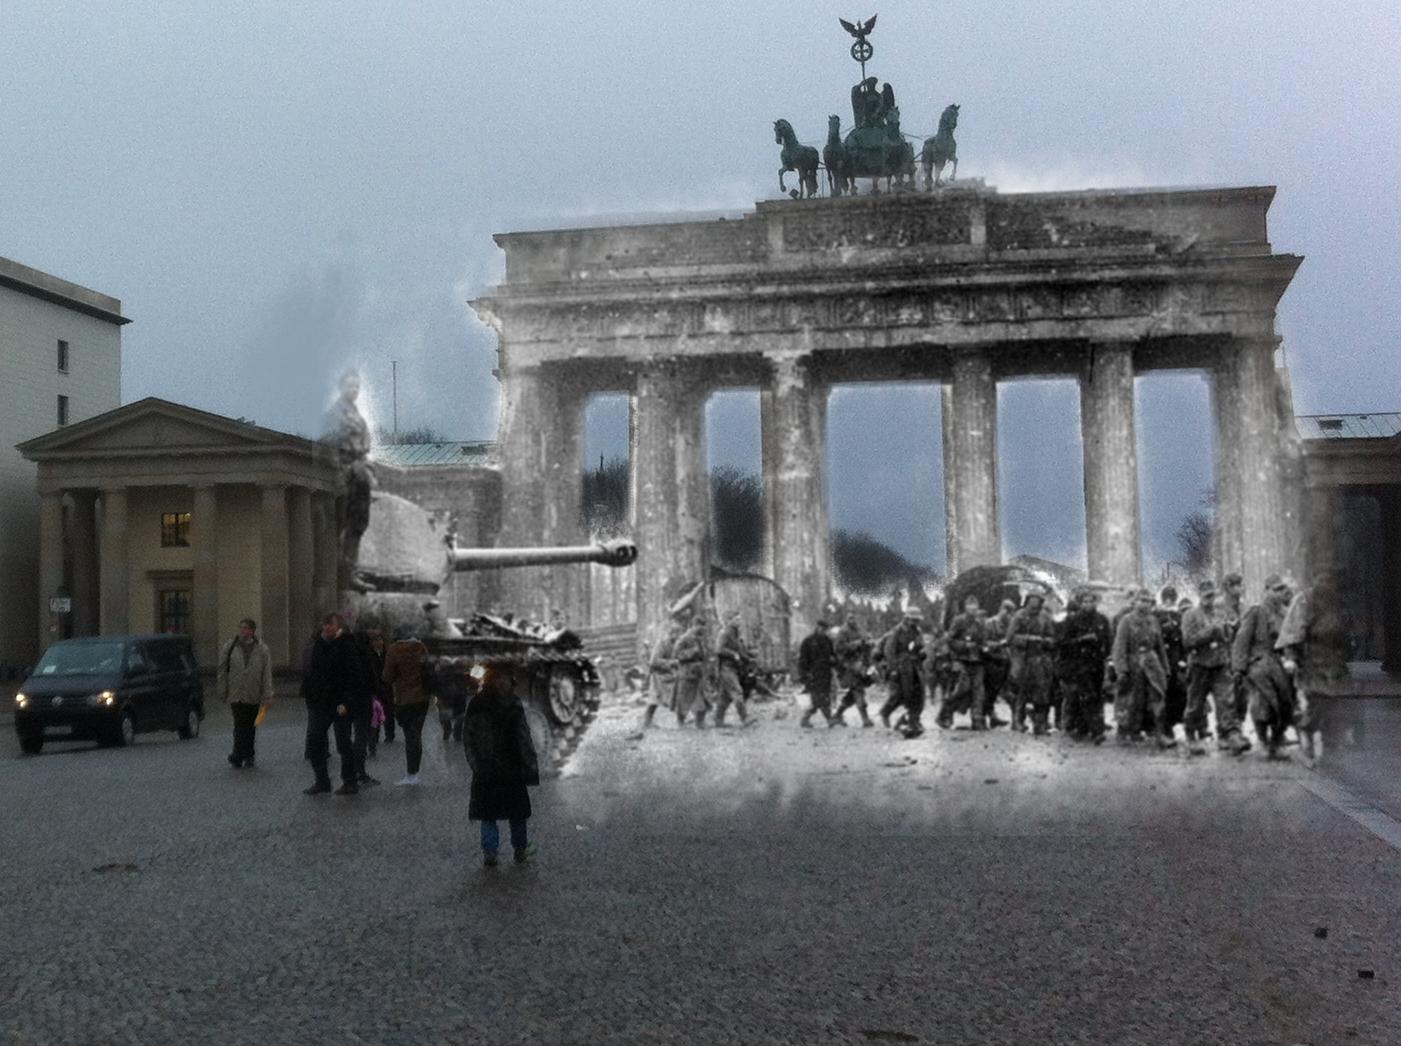 battle of Berlin | Kitatasumi com